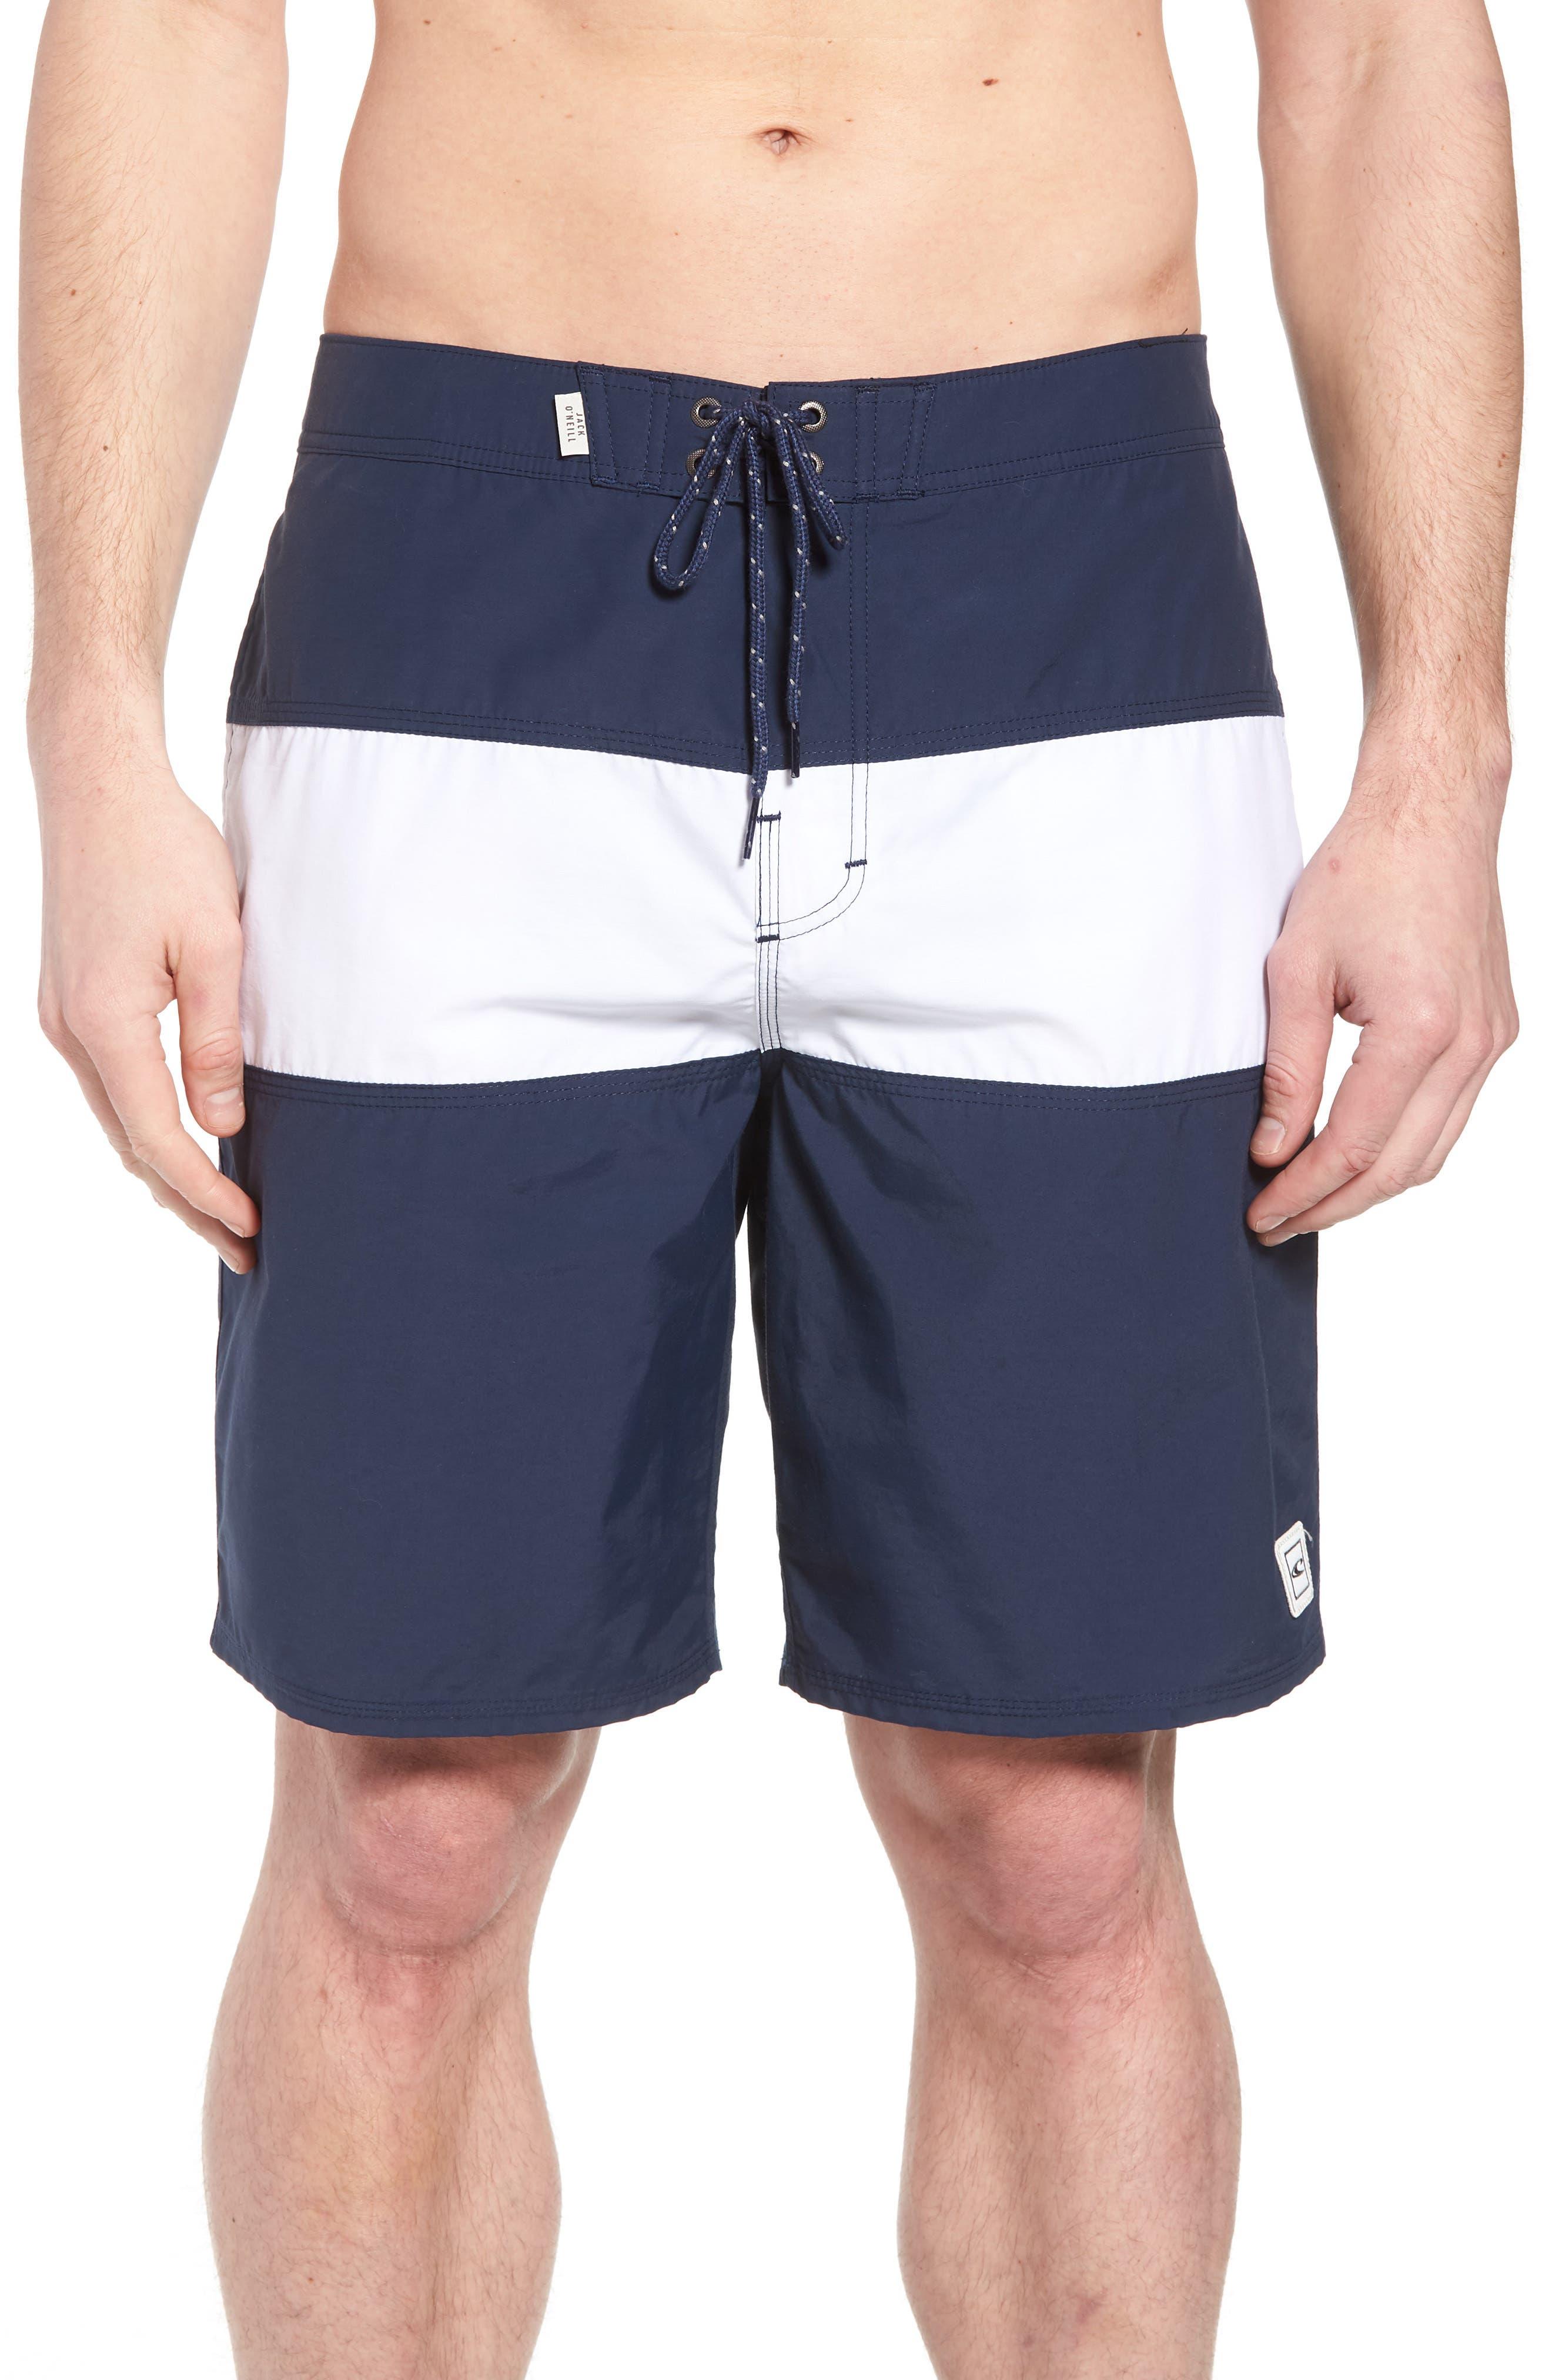 Heritage Board Shorts,                             Main thumbnail 1, color,                             Navy